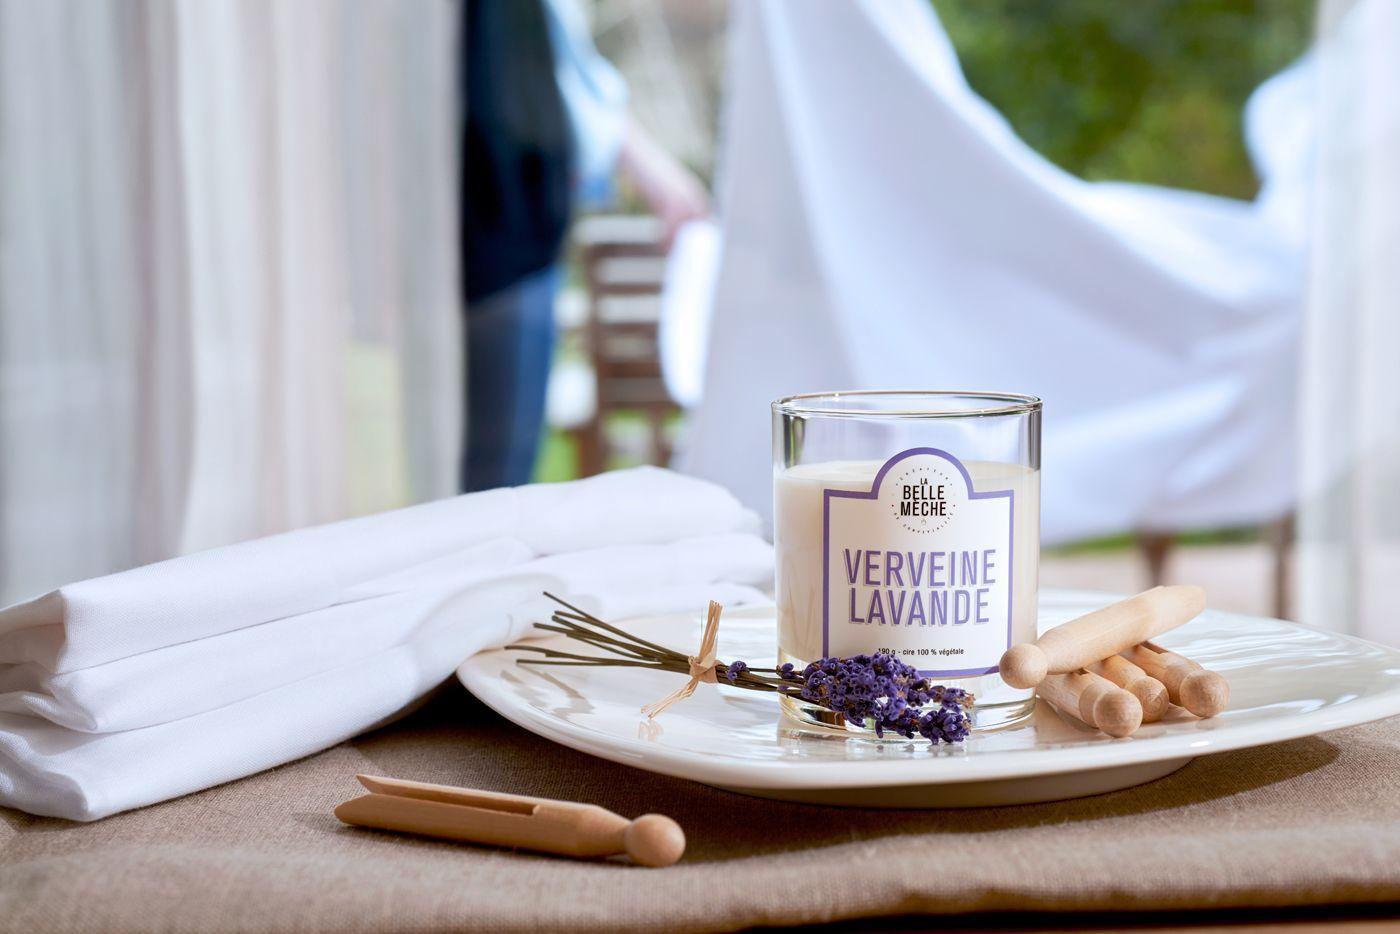 Verveine Lavande - #LaBelleMeche #BougieParfumee #ScentedCandle #lifestyle - Photographe : Blaise Arnold - Production : La Fabrique de Mai